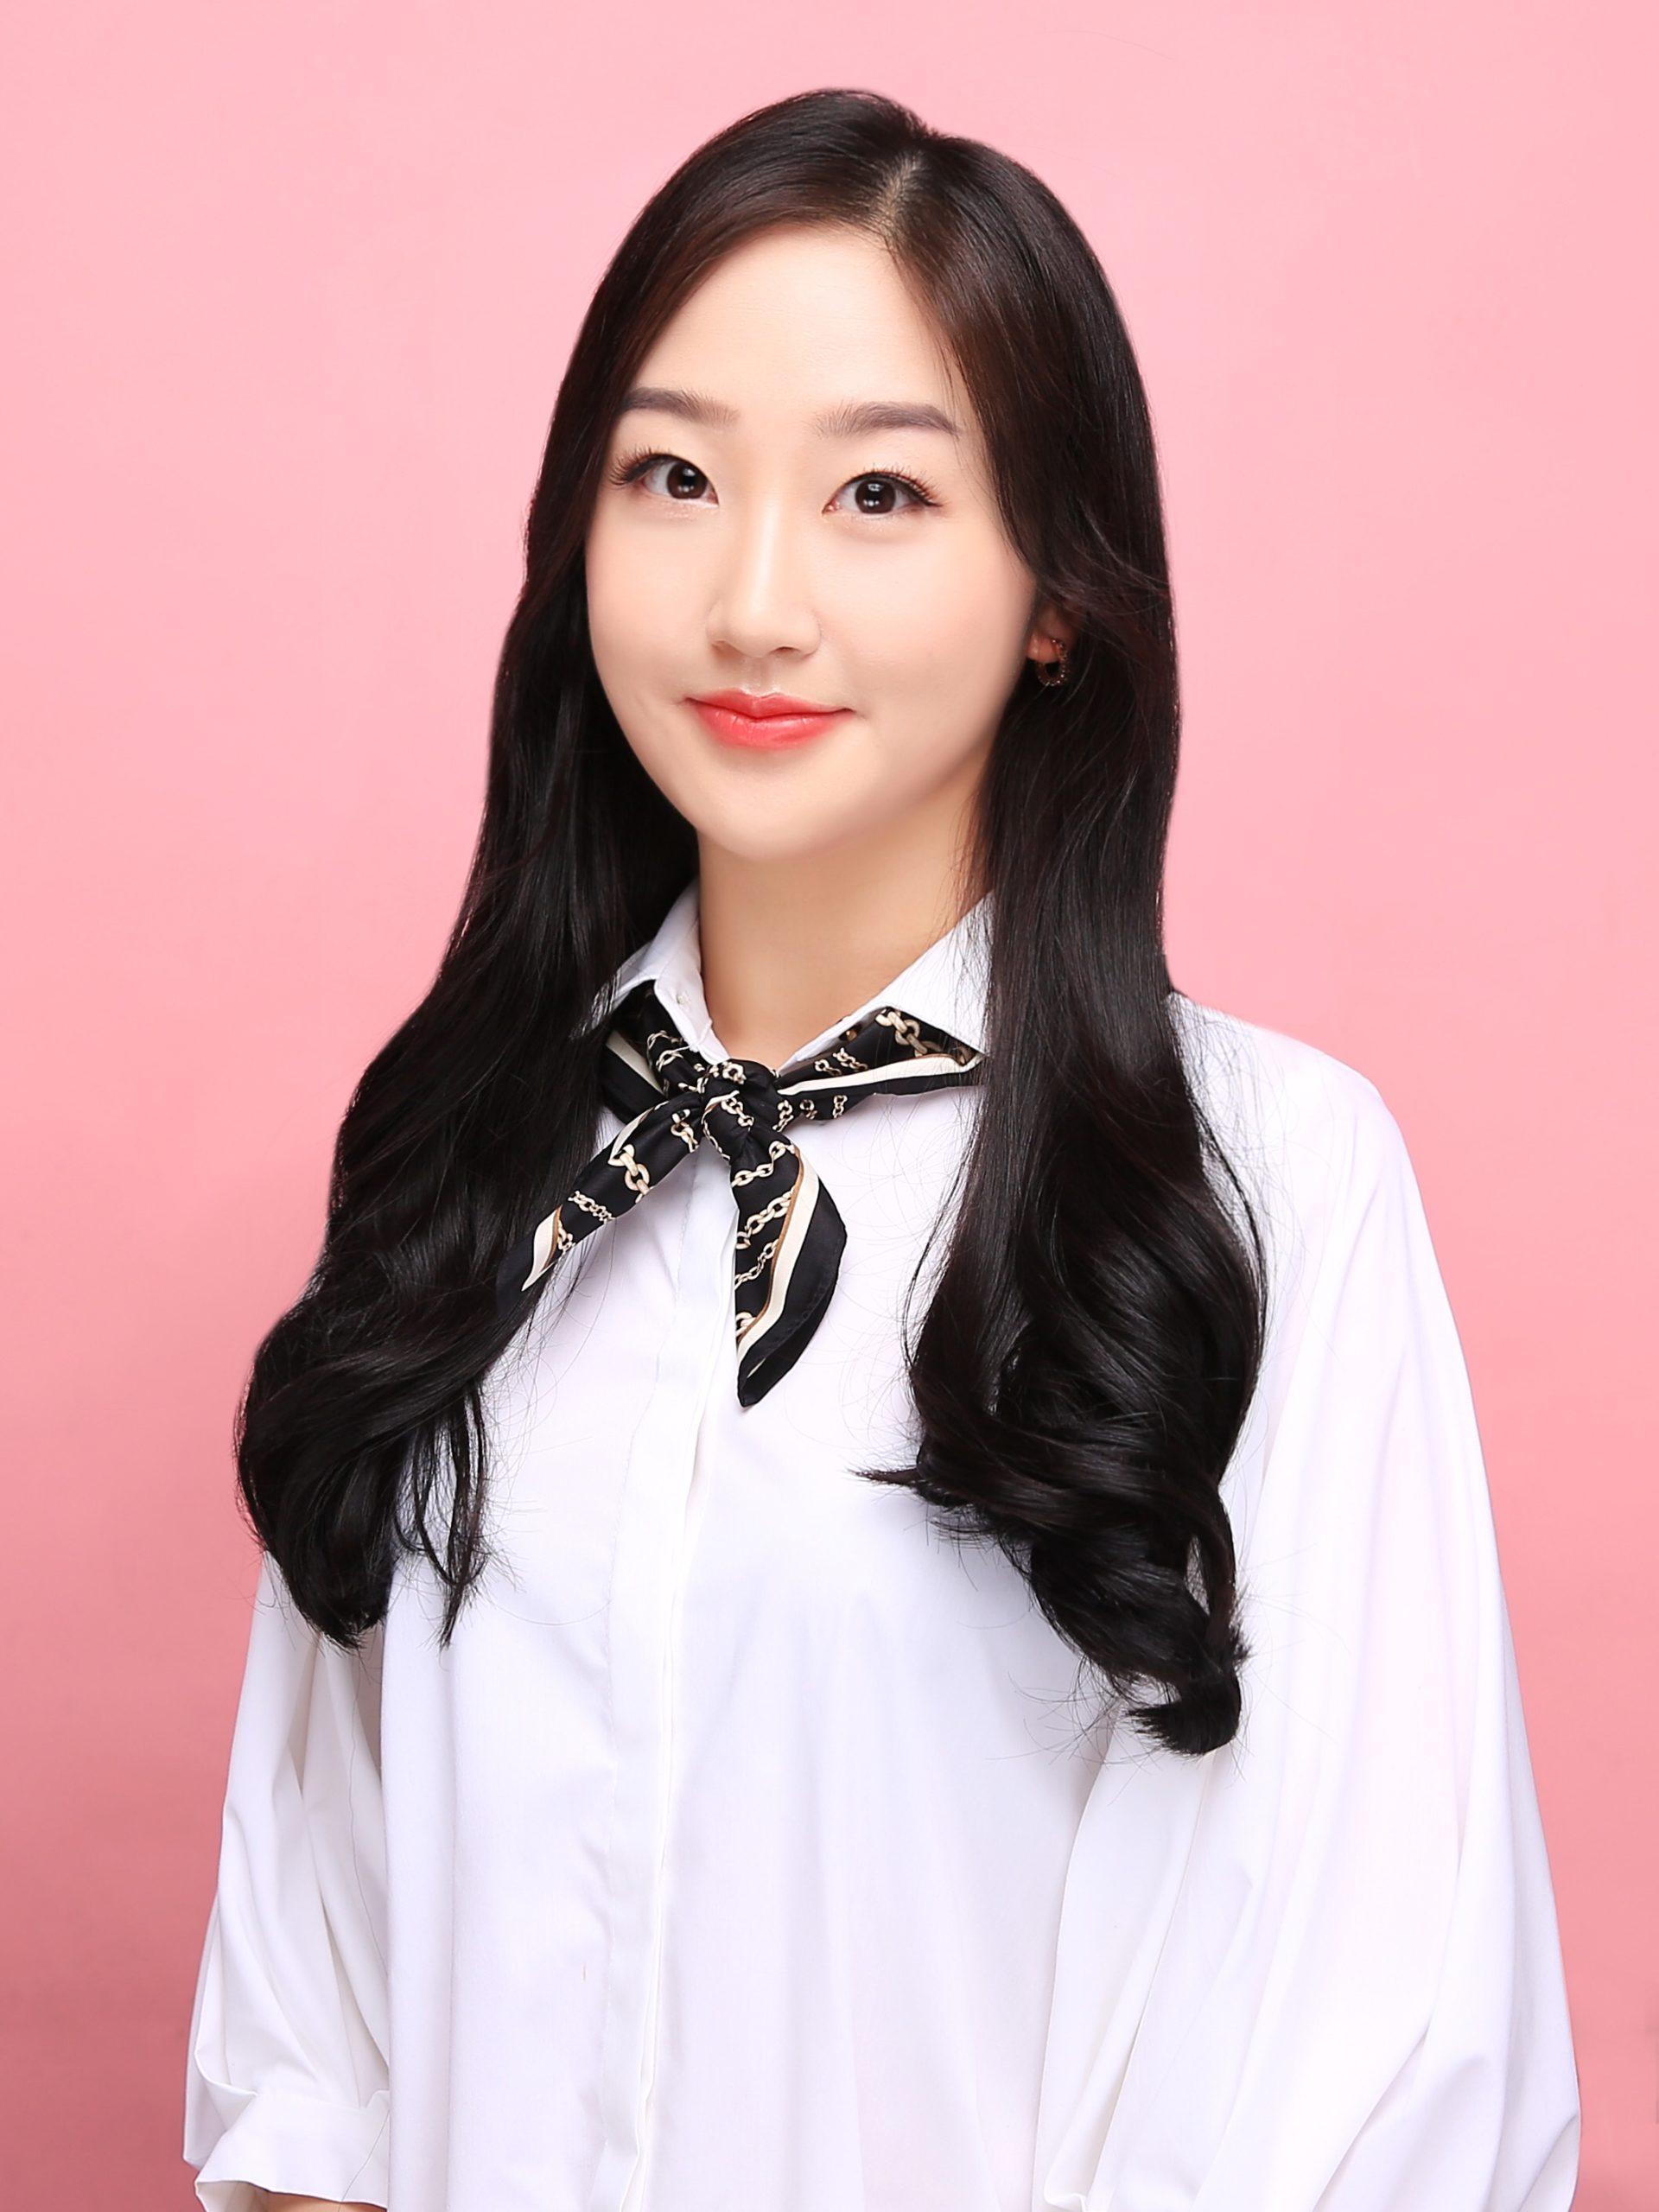 Heejin Yoon